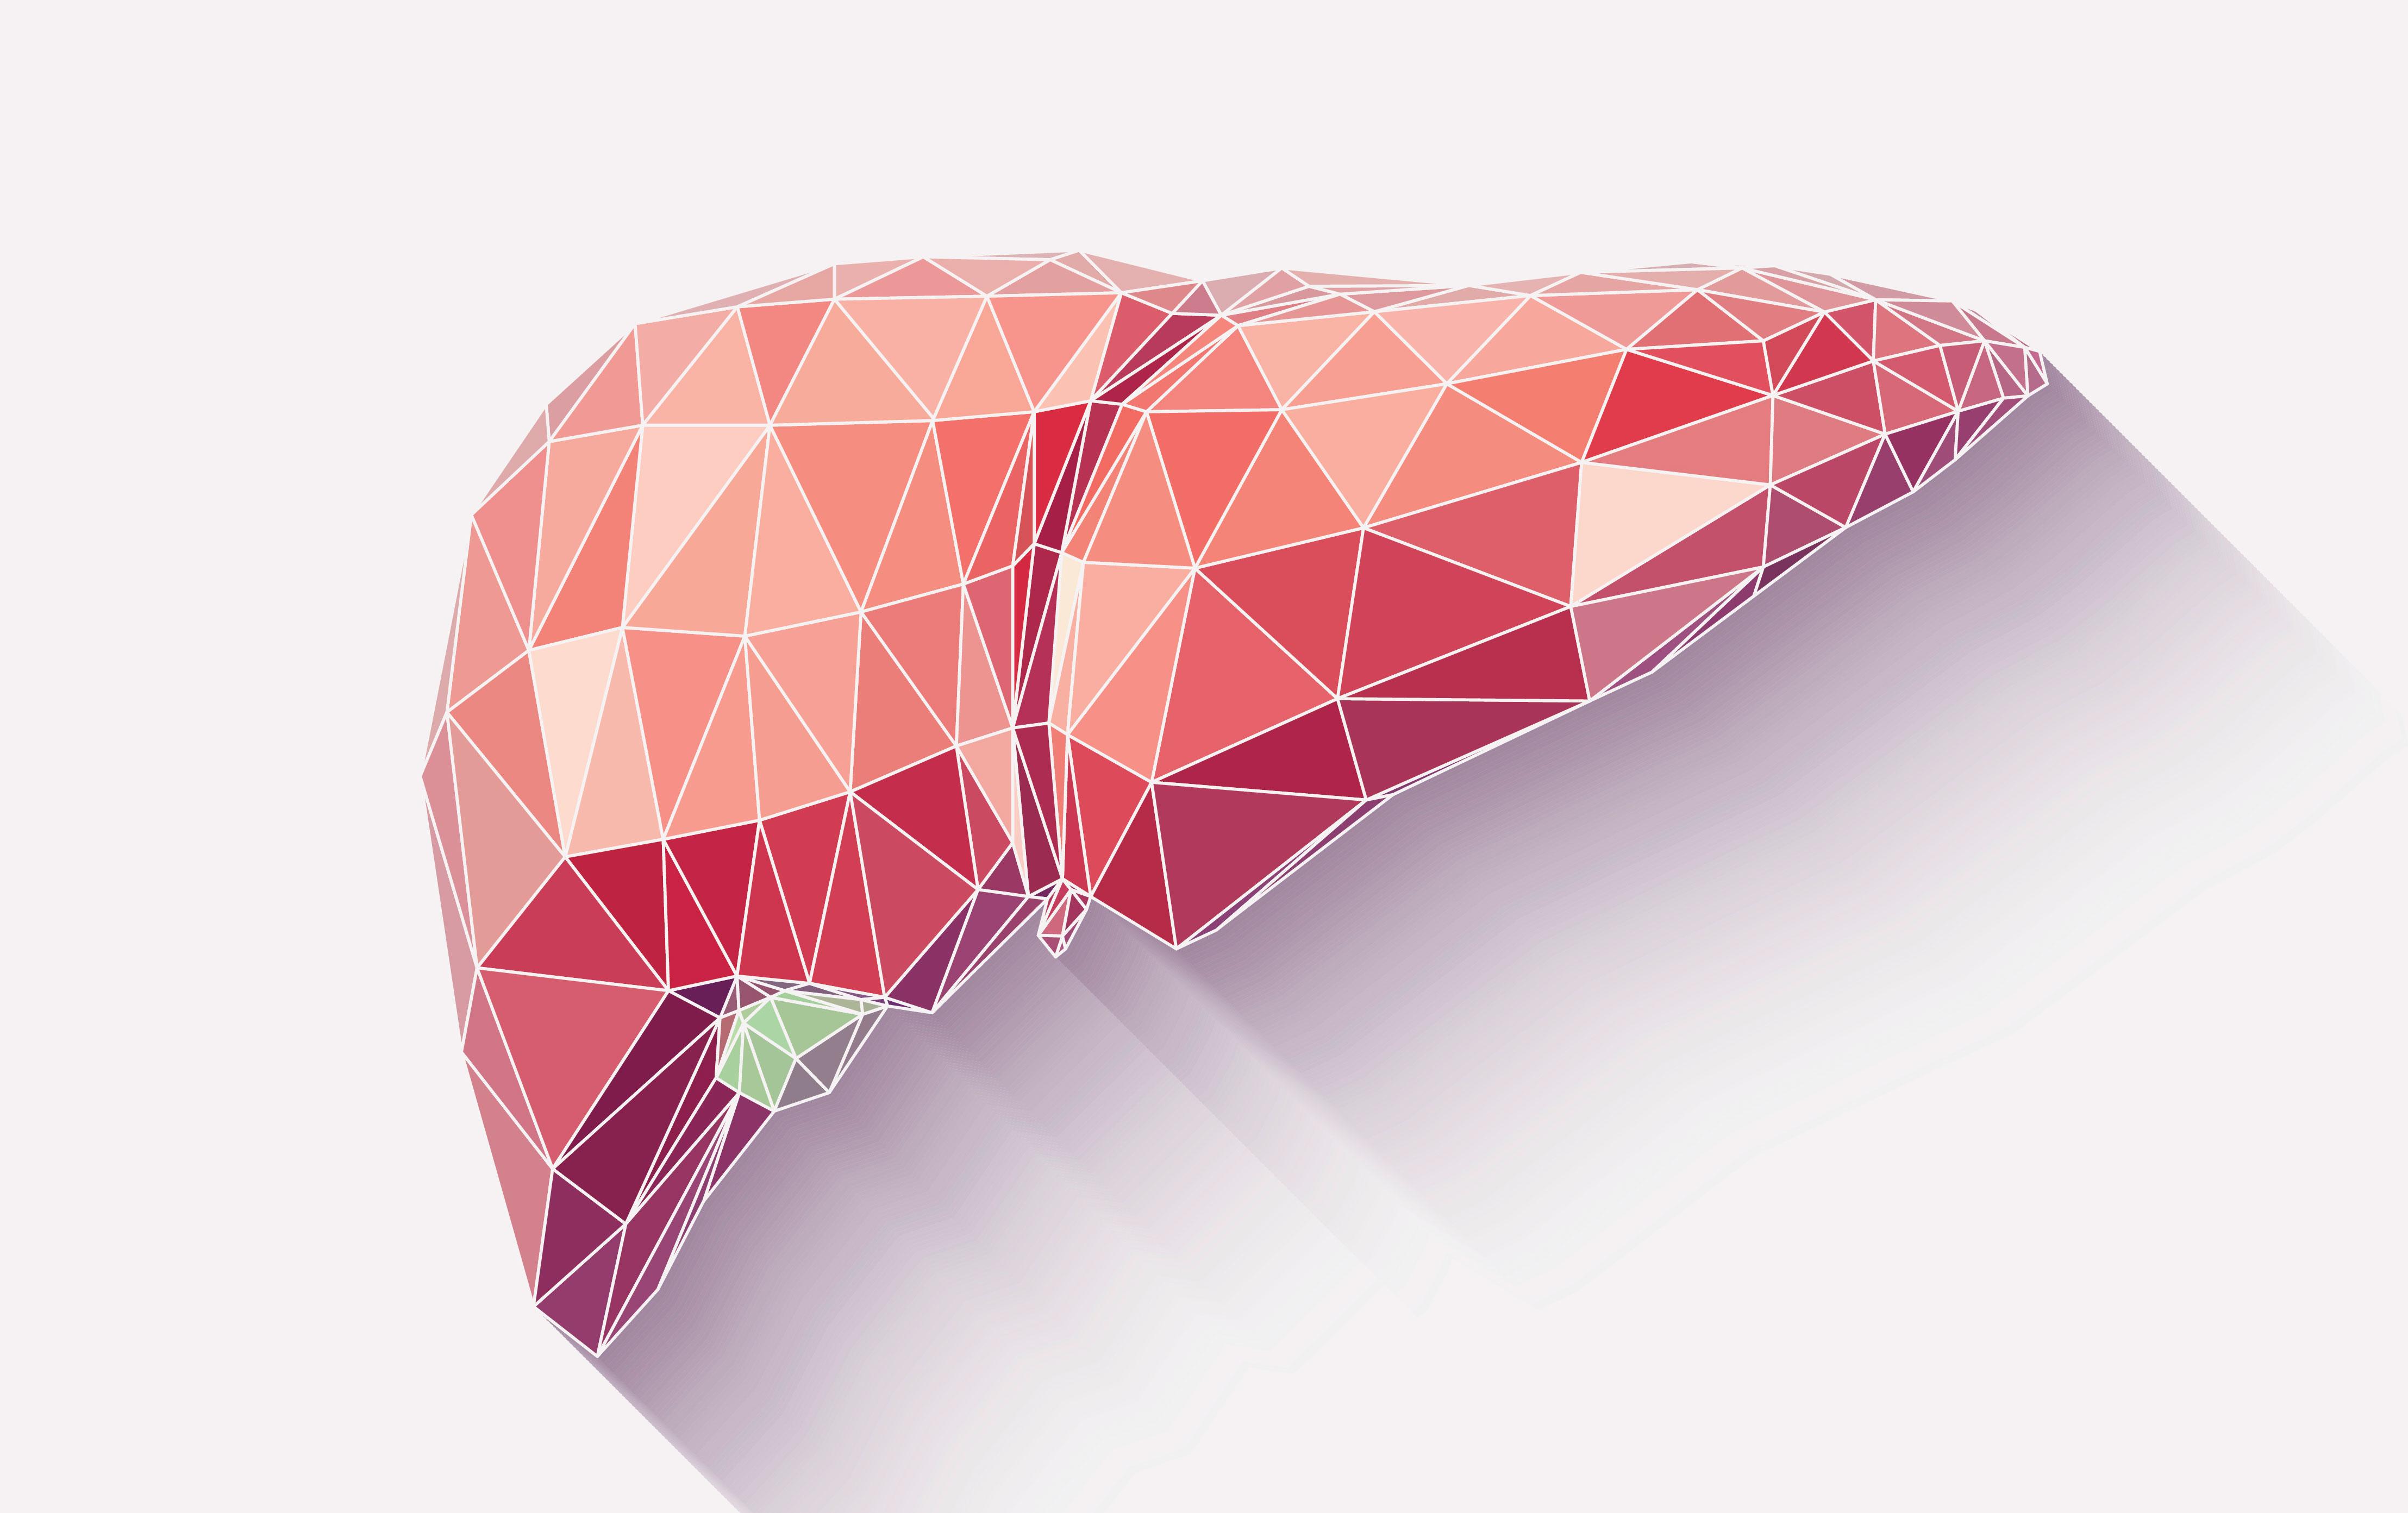 Wake Forest ekipleri, insan karaciğer dokusunu 3D basmak için bir NASA ödülü kazandı | Engadget